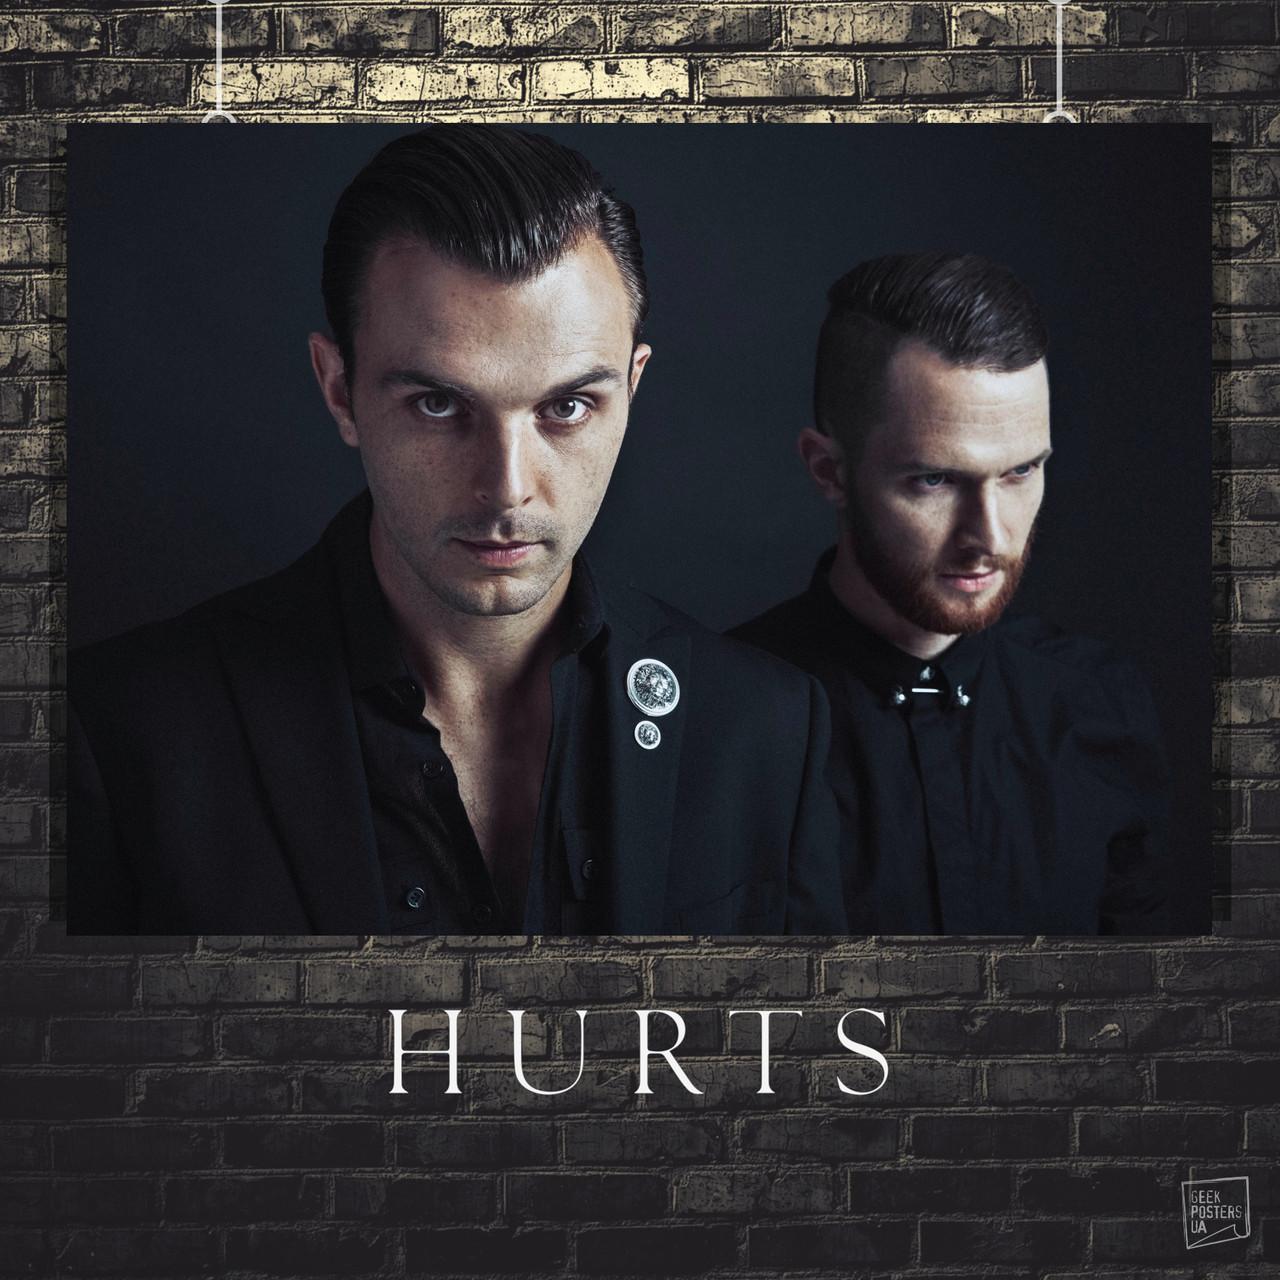 Постер Hurts, Хатчкрафт Тео, Адам Андерсон. Размер 60x42см (A2). Глянцевая бумага